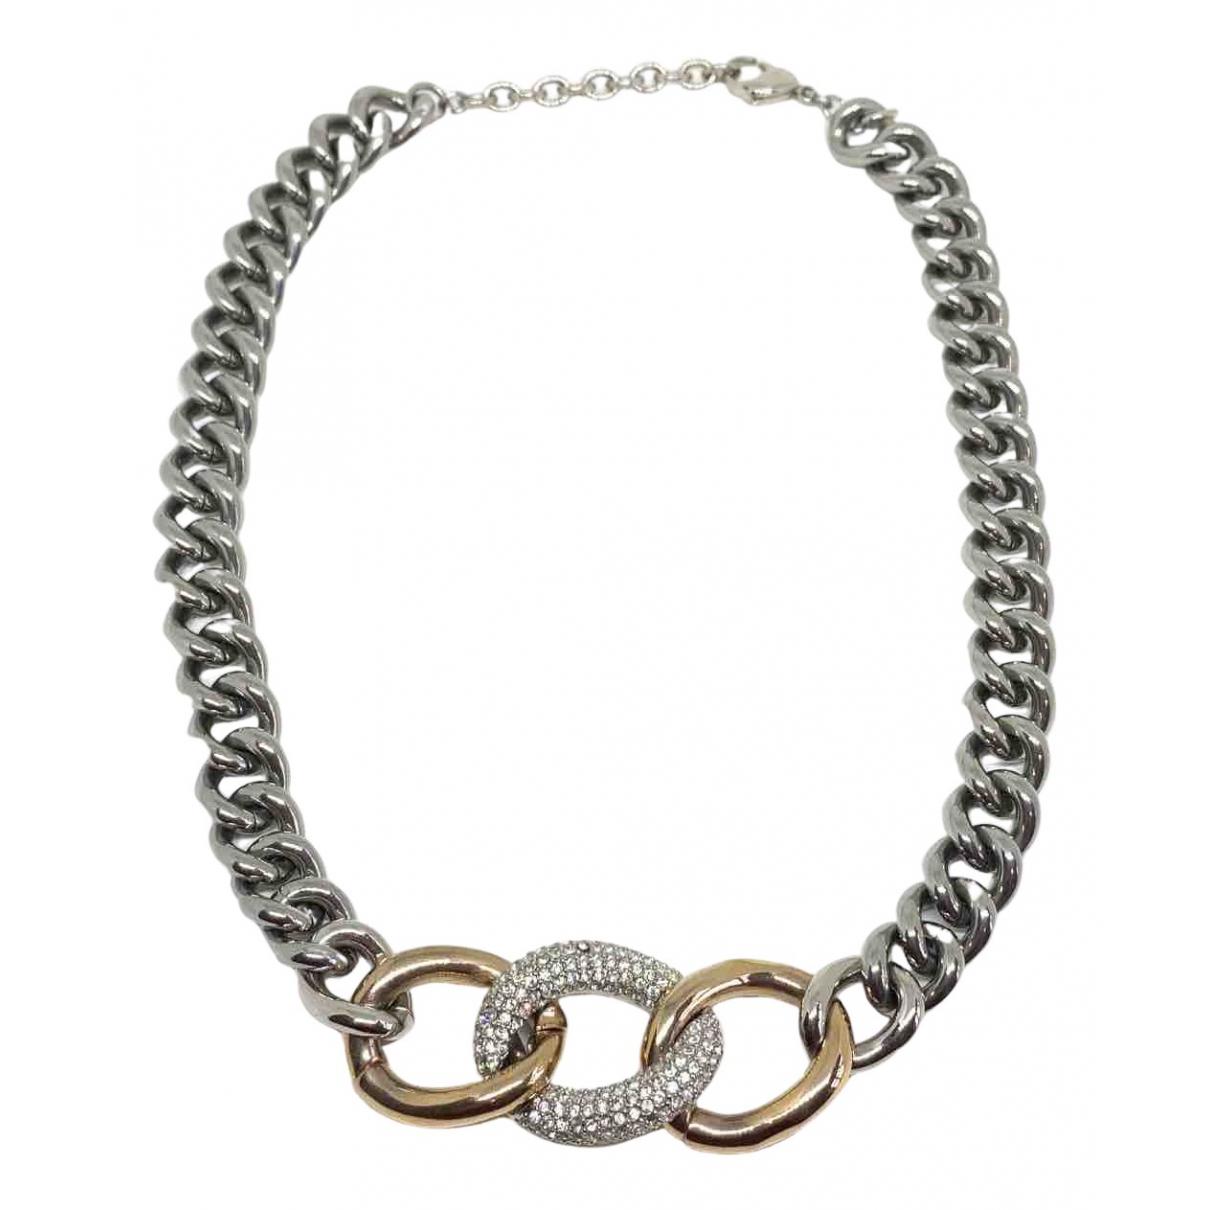 - Collier Chaines pour femme en metal - argente